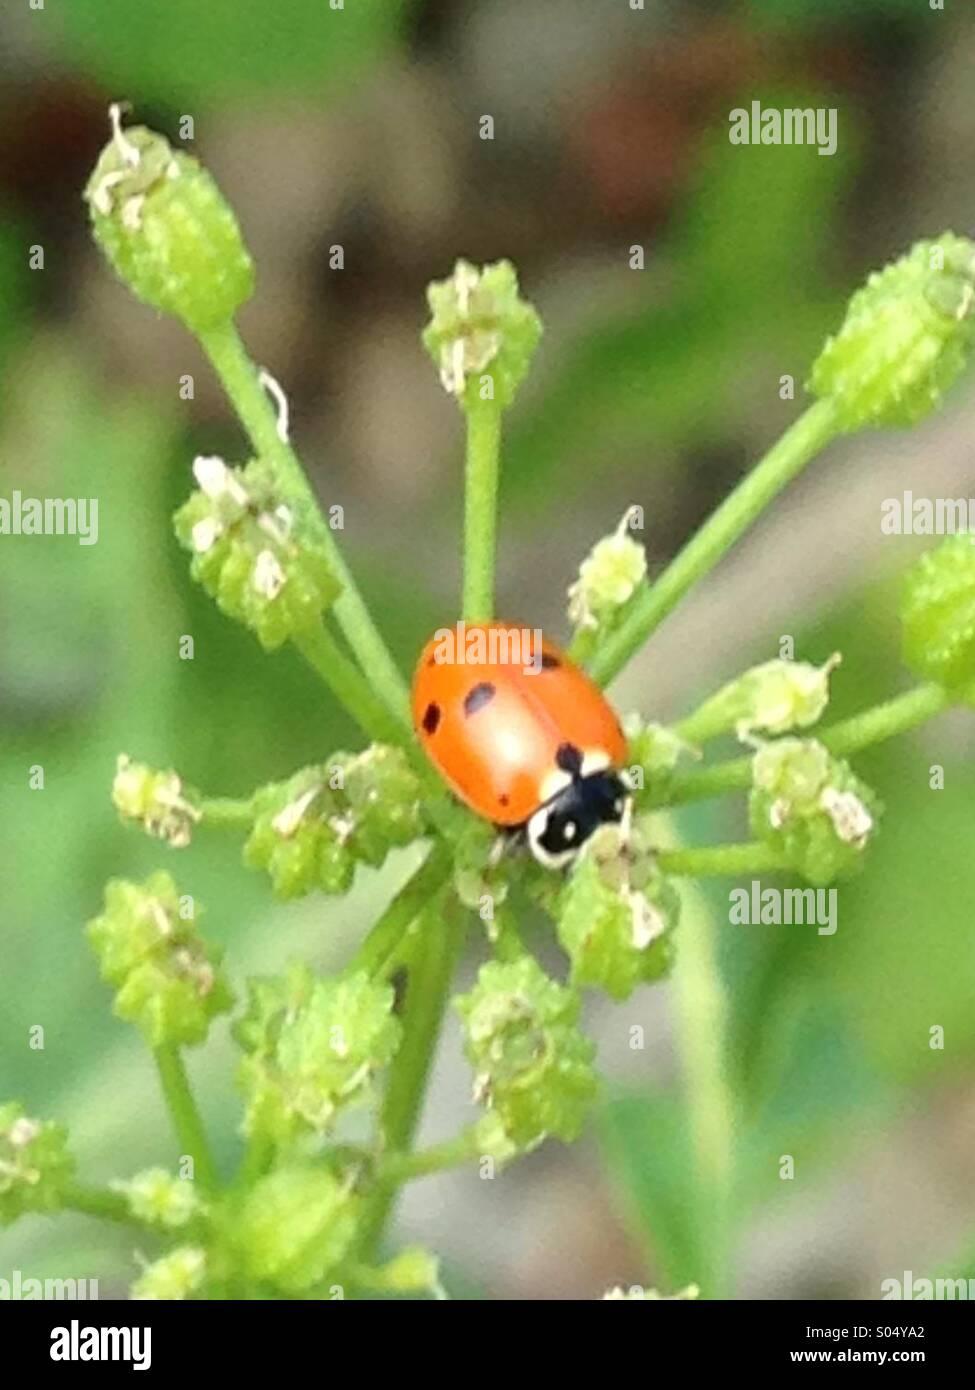 Fanciful ladybug. - Stock Image